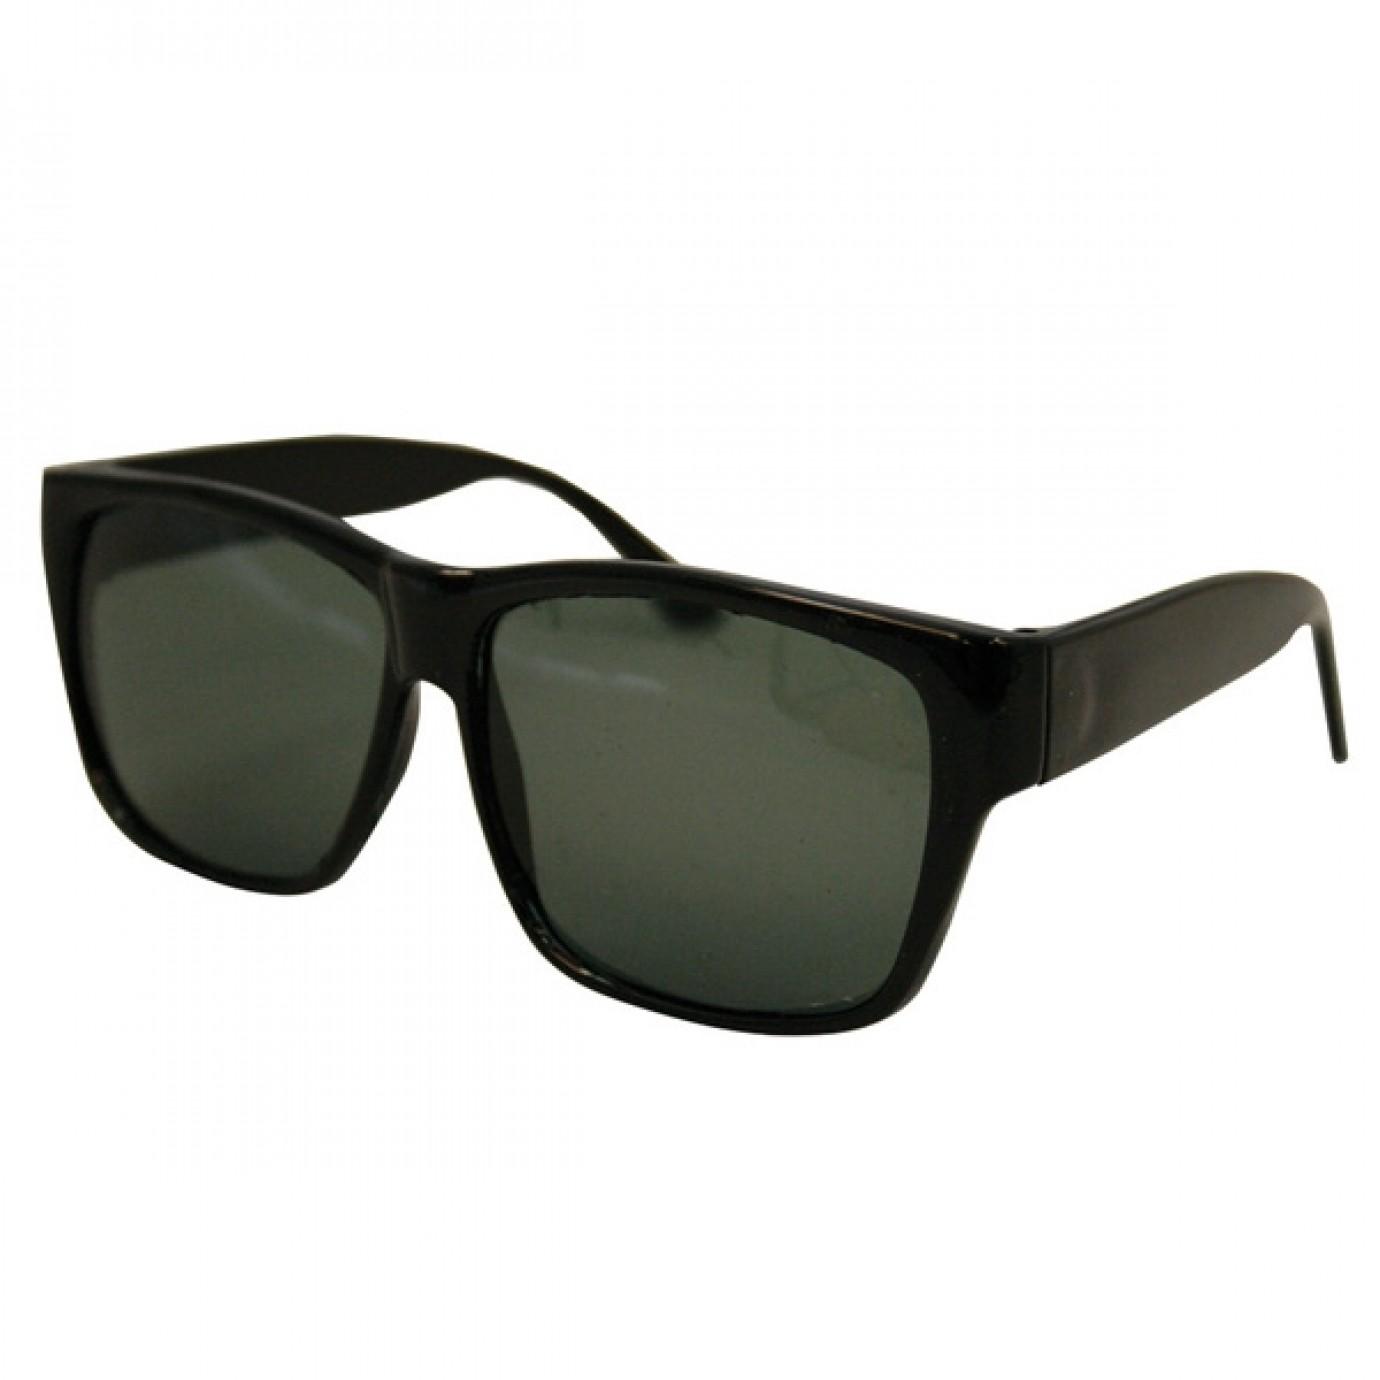 8ea83aac0f Blues Brothers Glasses